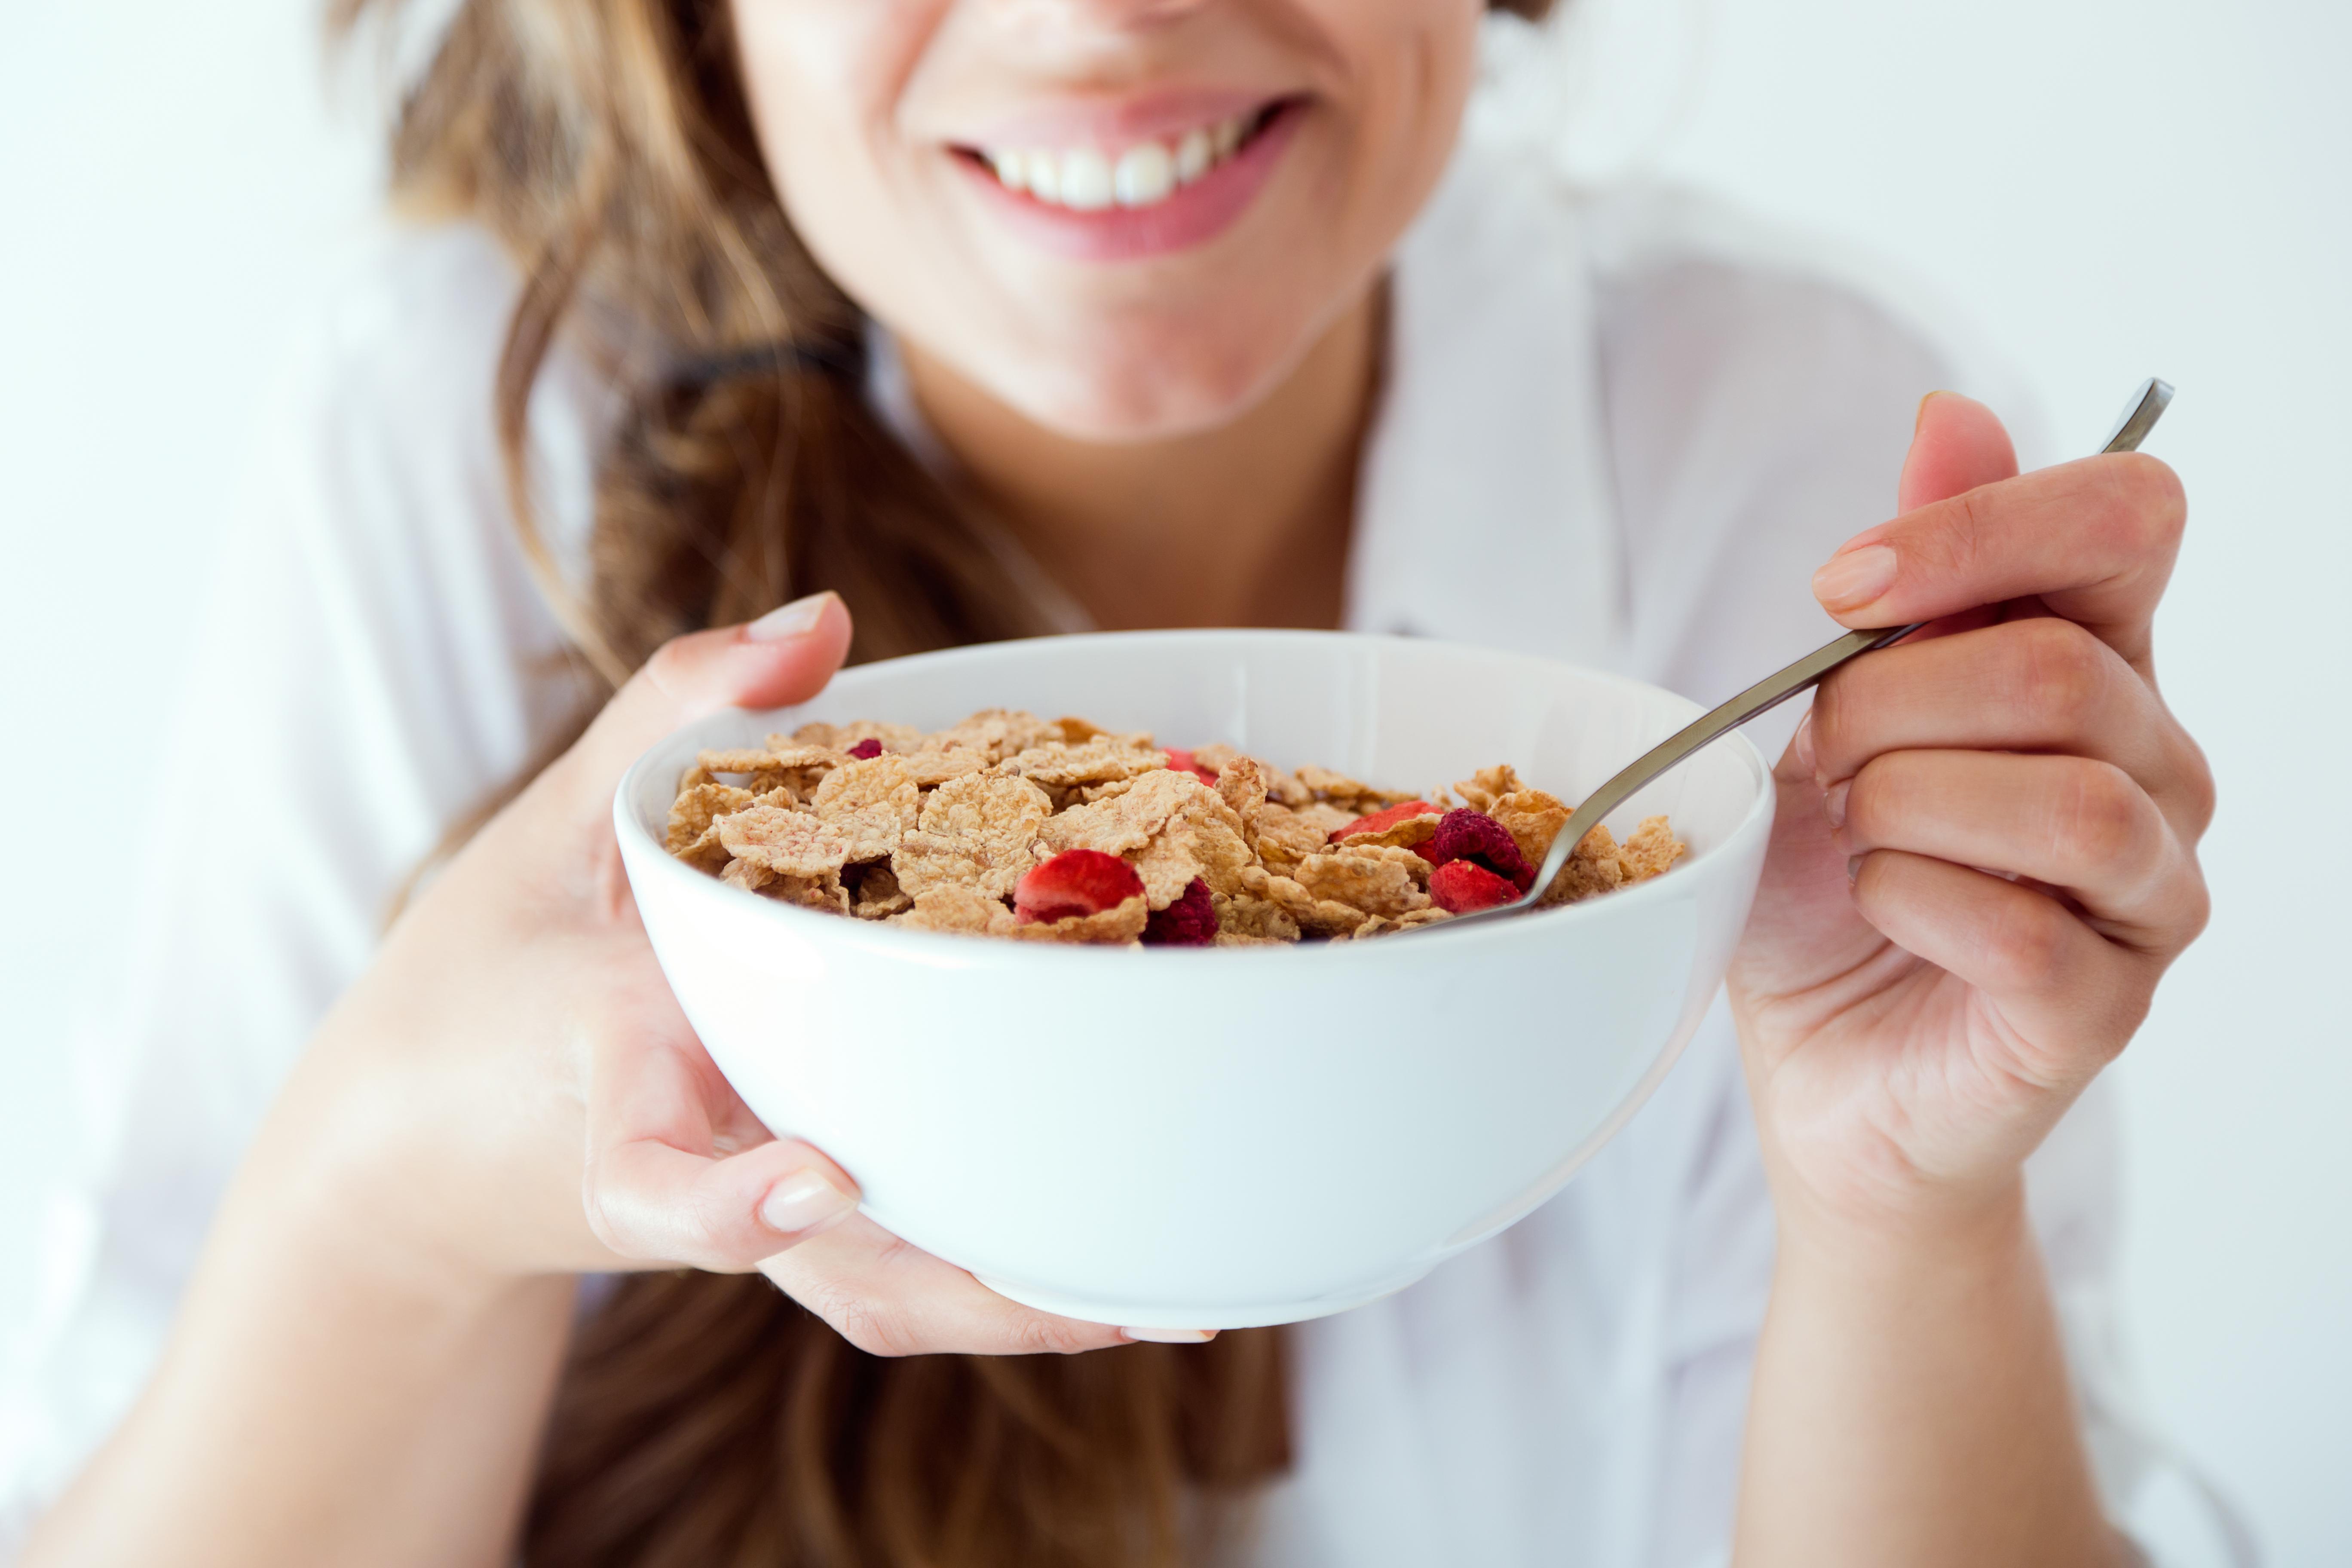 Los cereales enriquecidos con calcio promueven el rápido crecimiento de las uñas.